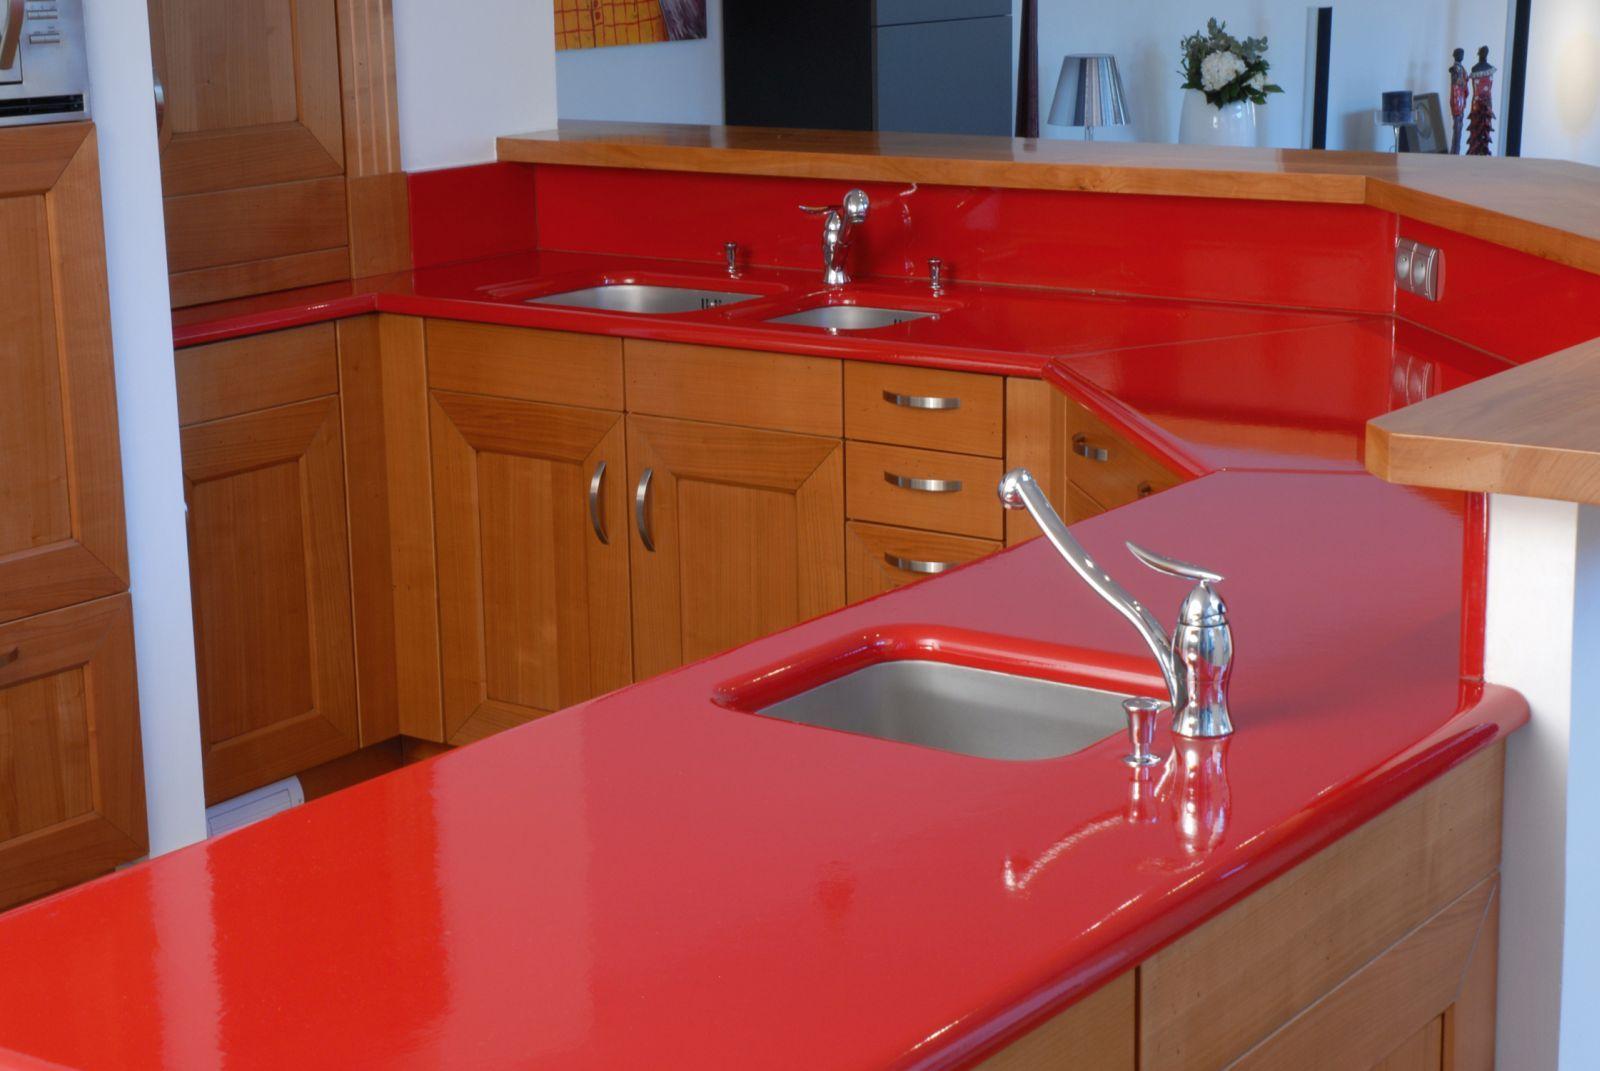 đá bàn bếp màu đỏ